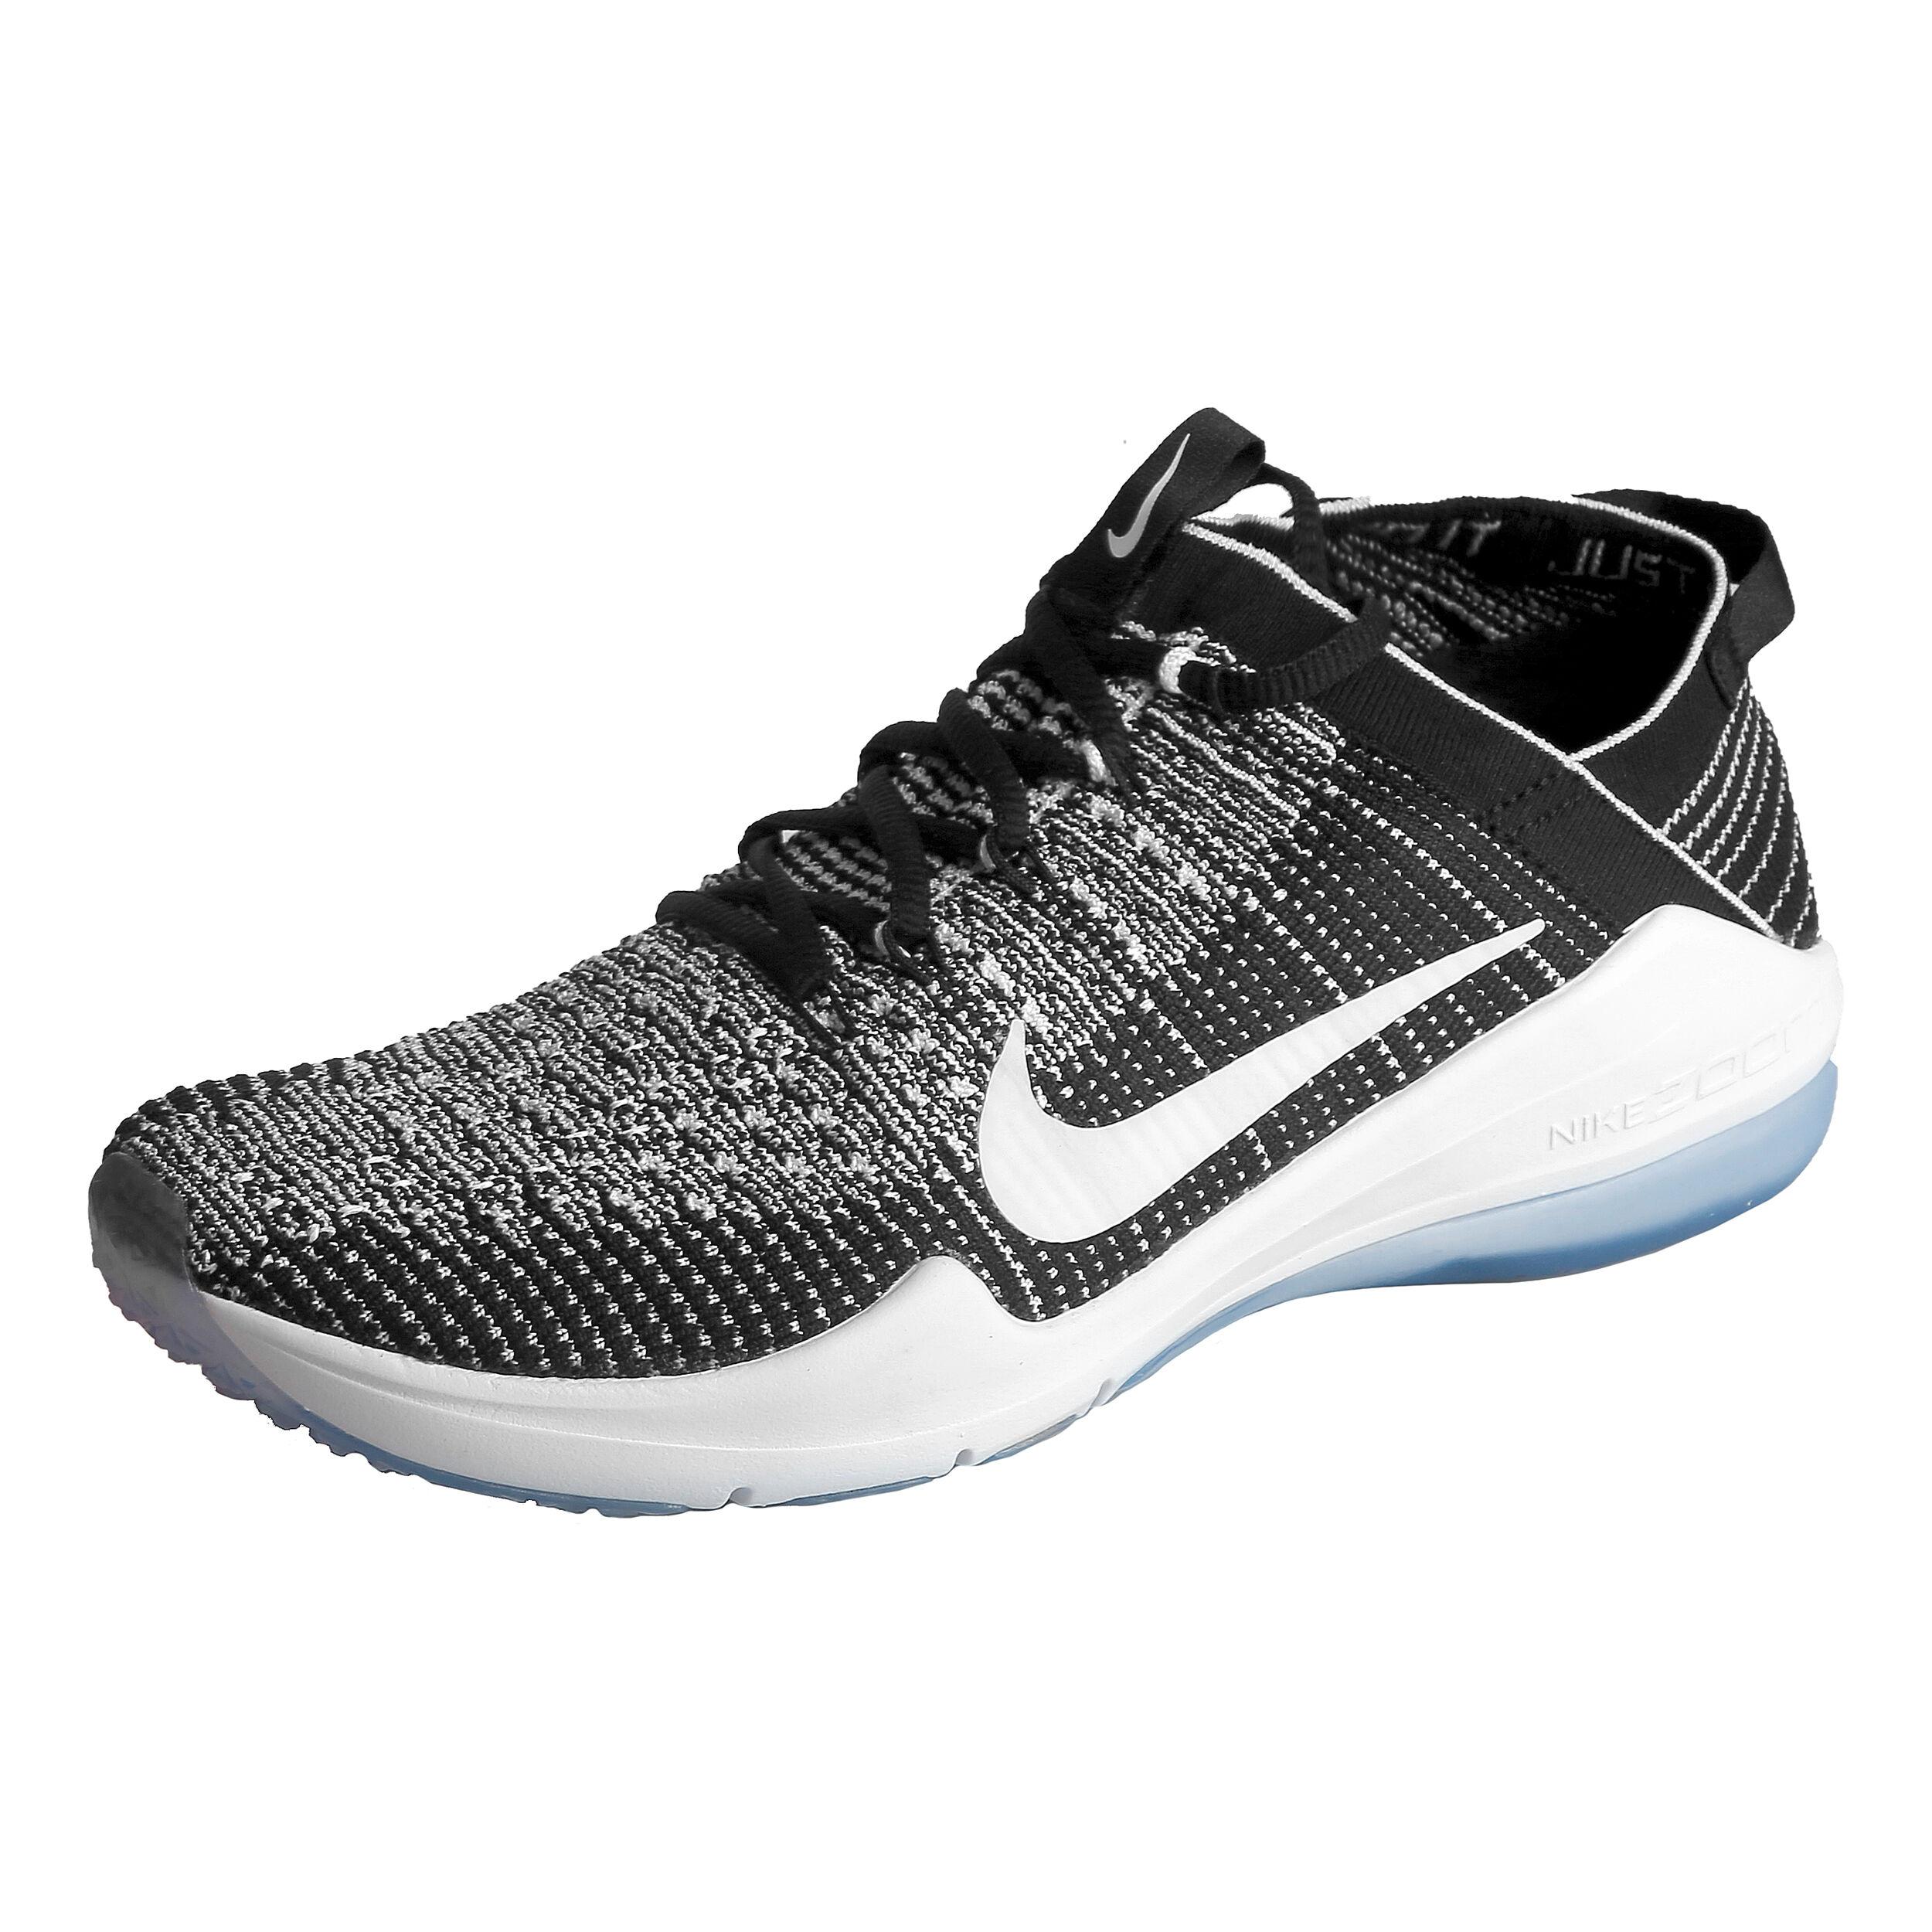 Nike Air Zoom Fearless Flyknit 2 Fitnessschuh Damen